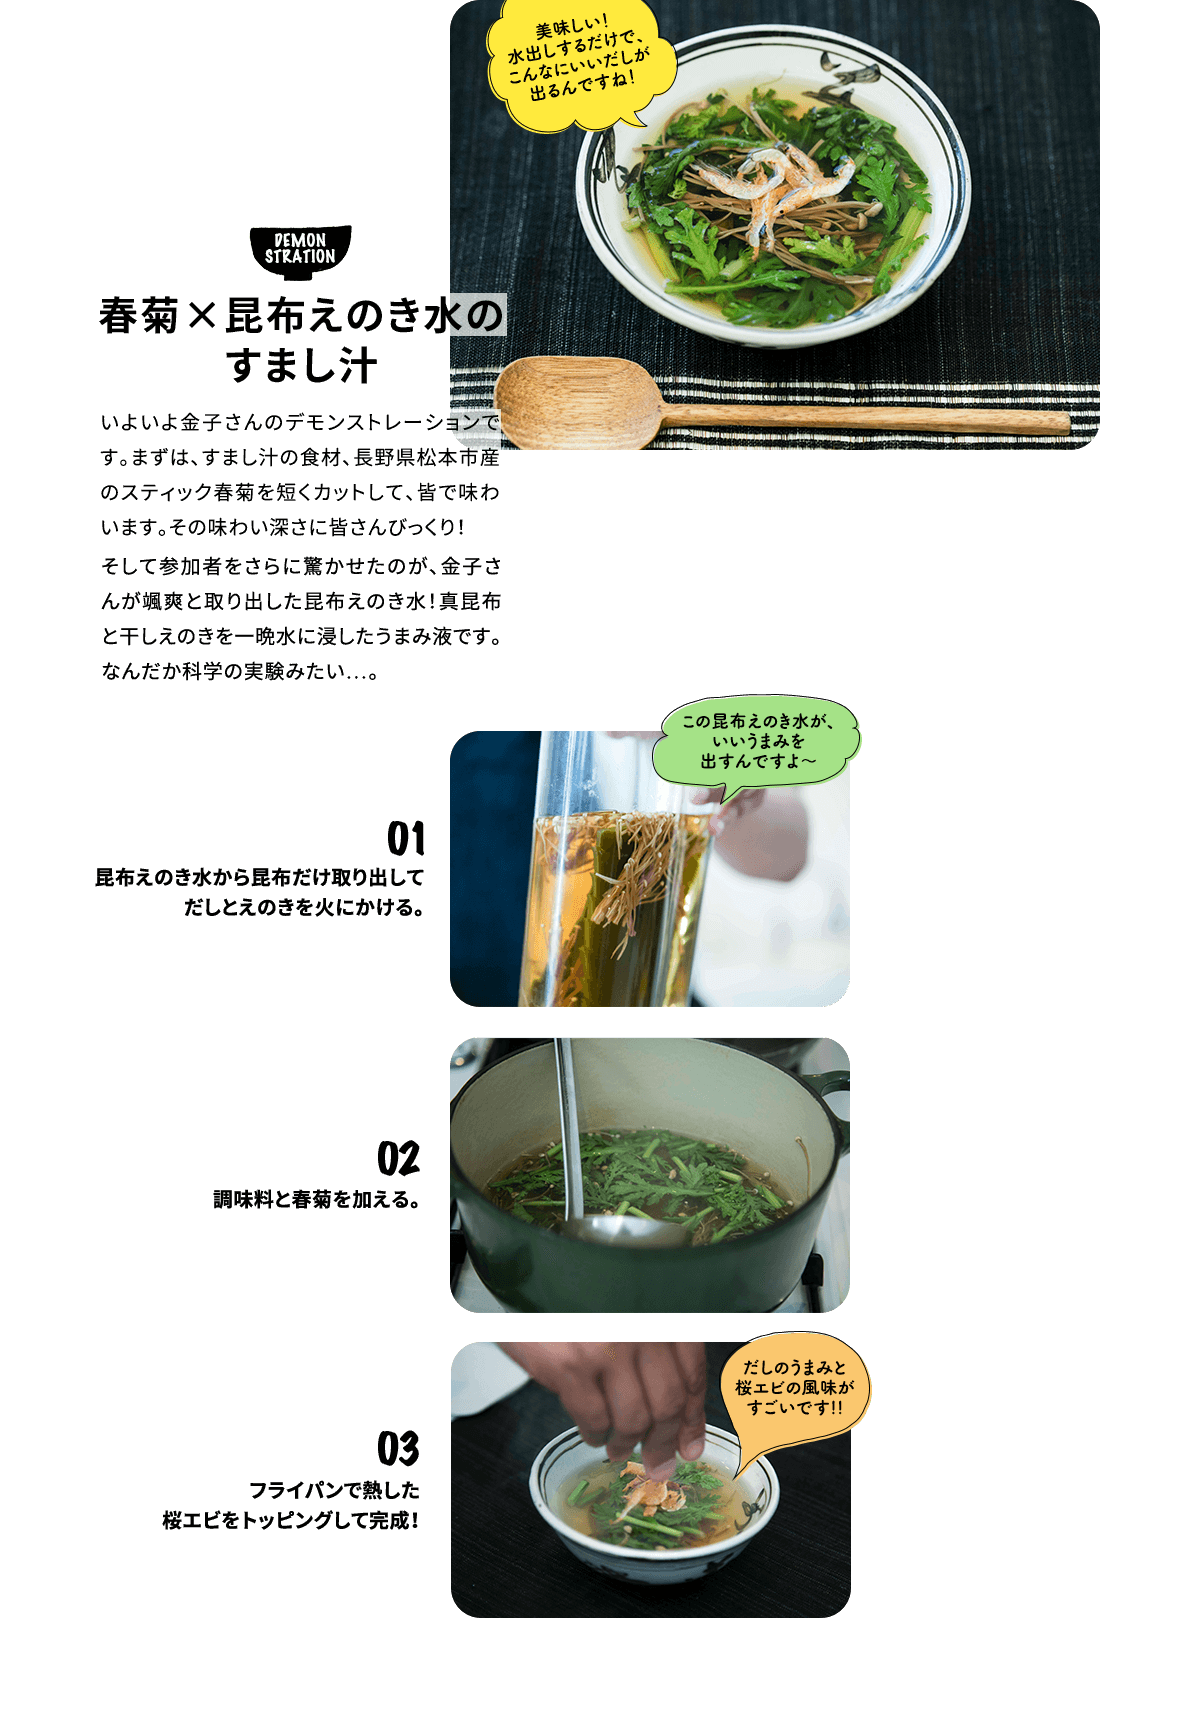 DEMON STRATION 春菊×昆布えのき水のすまし汁